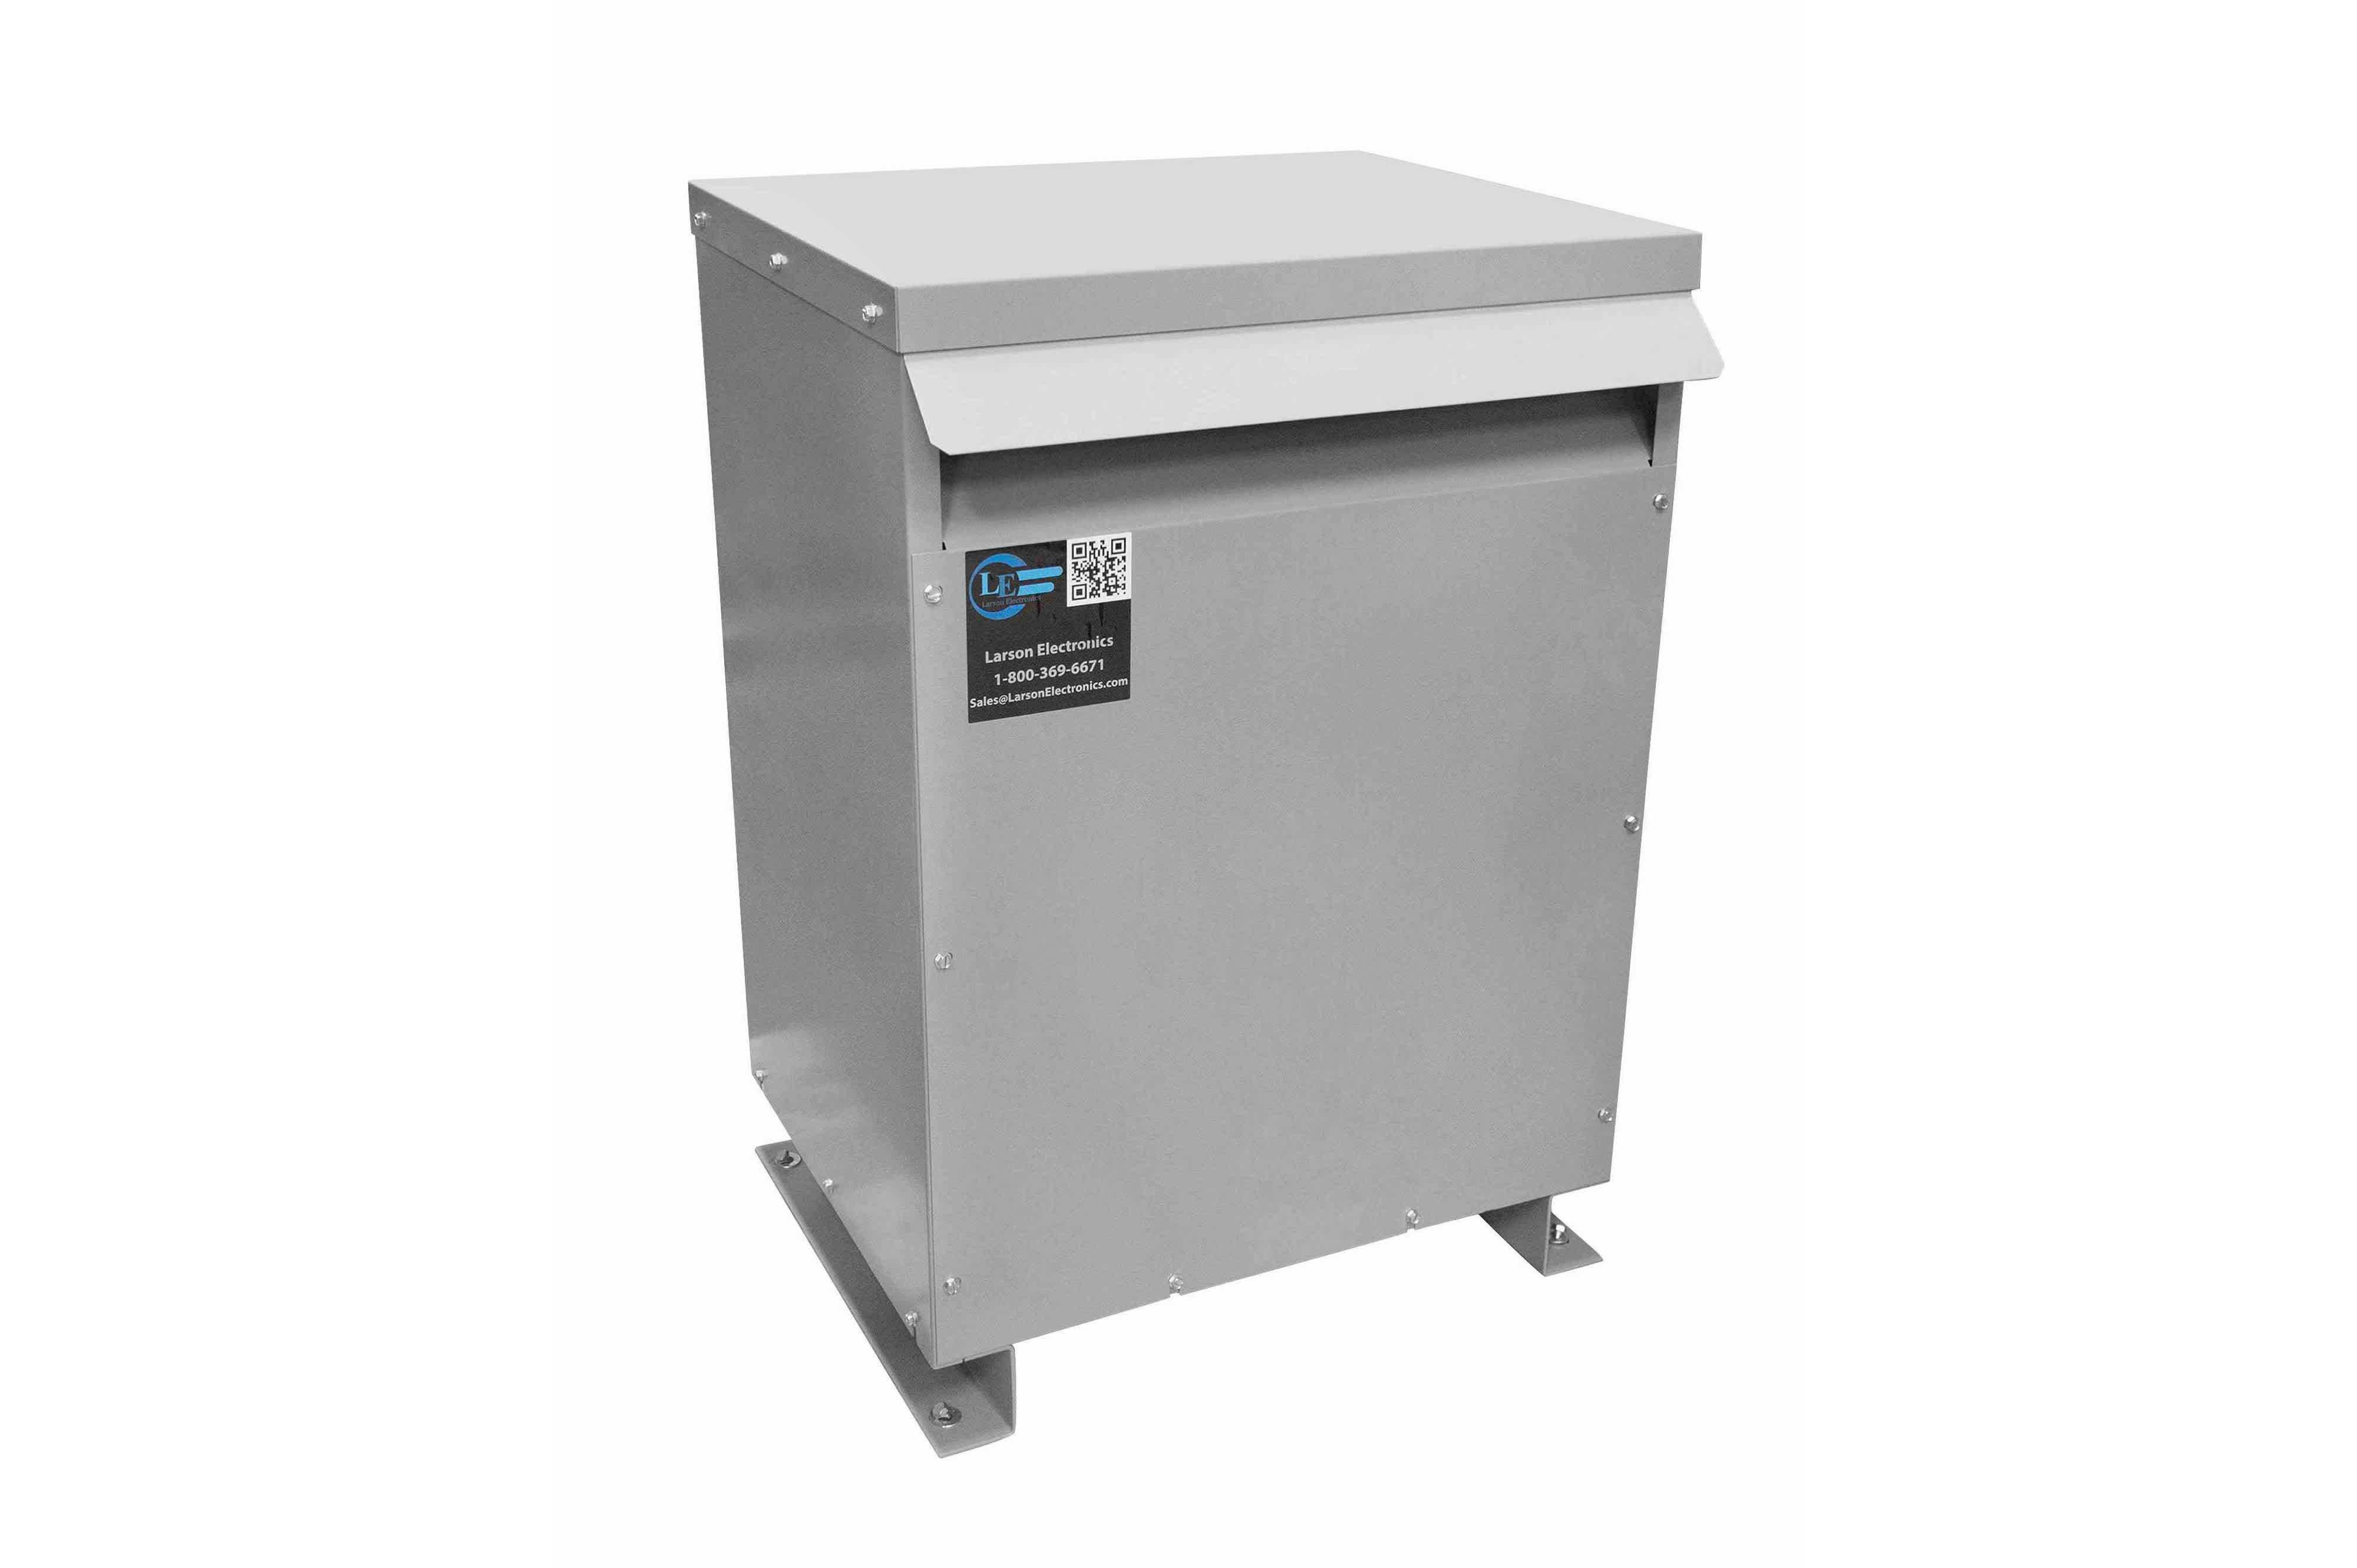 112.5 kVA 3PH Isolation Transformer, 380V Delta Primary, 480V Delta Secondary, N3R, Ventilated, 60 Hz